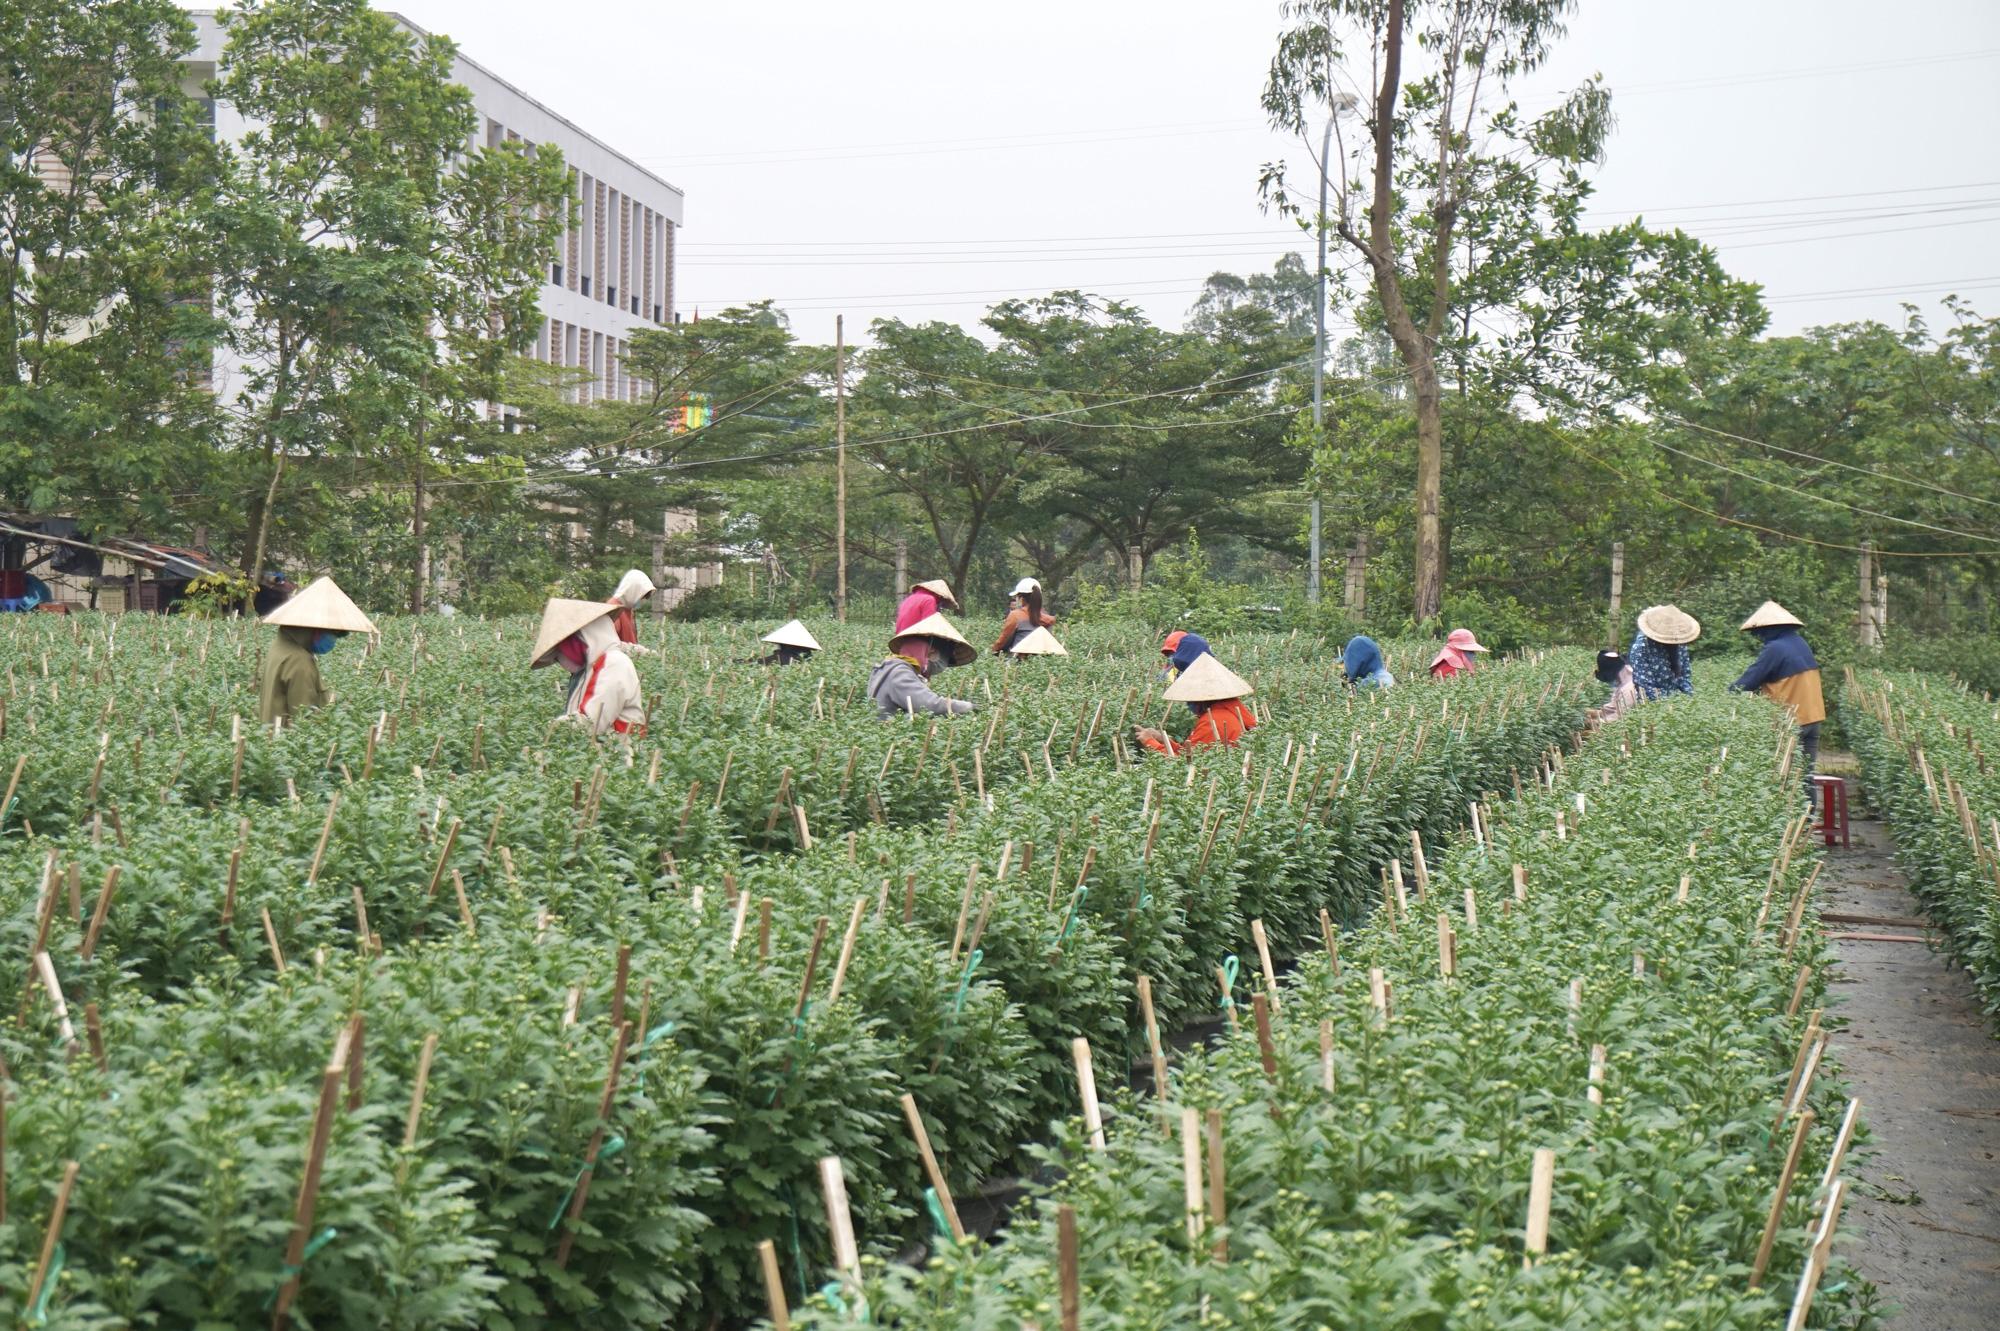 Đà Nẵng: Sinh viên làm nông kiếm tiền triệu dịp Tết Nguyên đán 2021 - Ảnh 1.